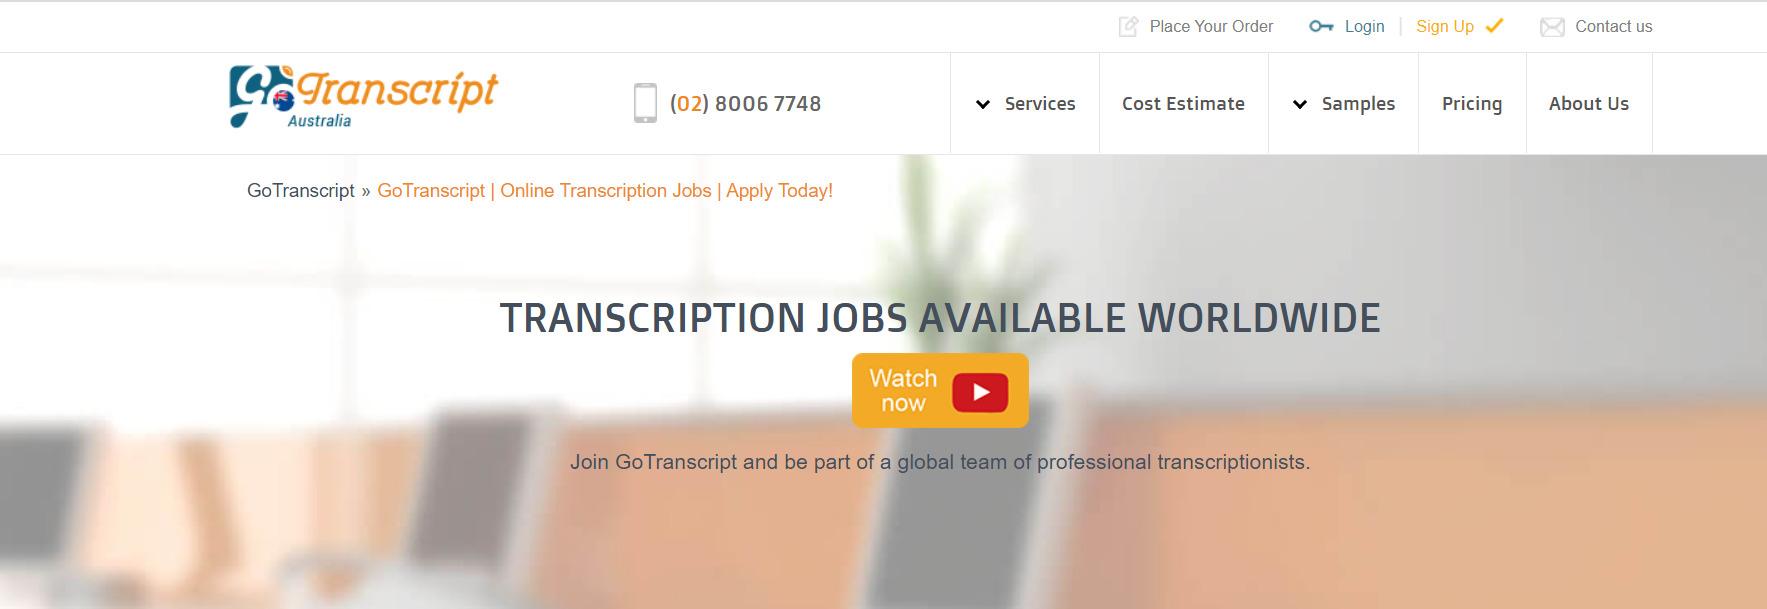 gotranscript jobs